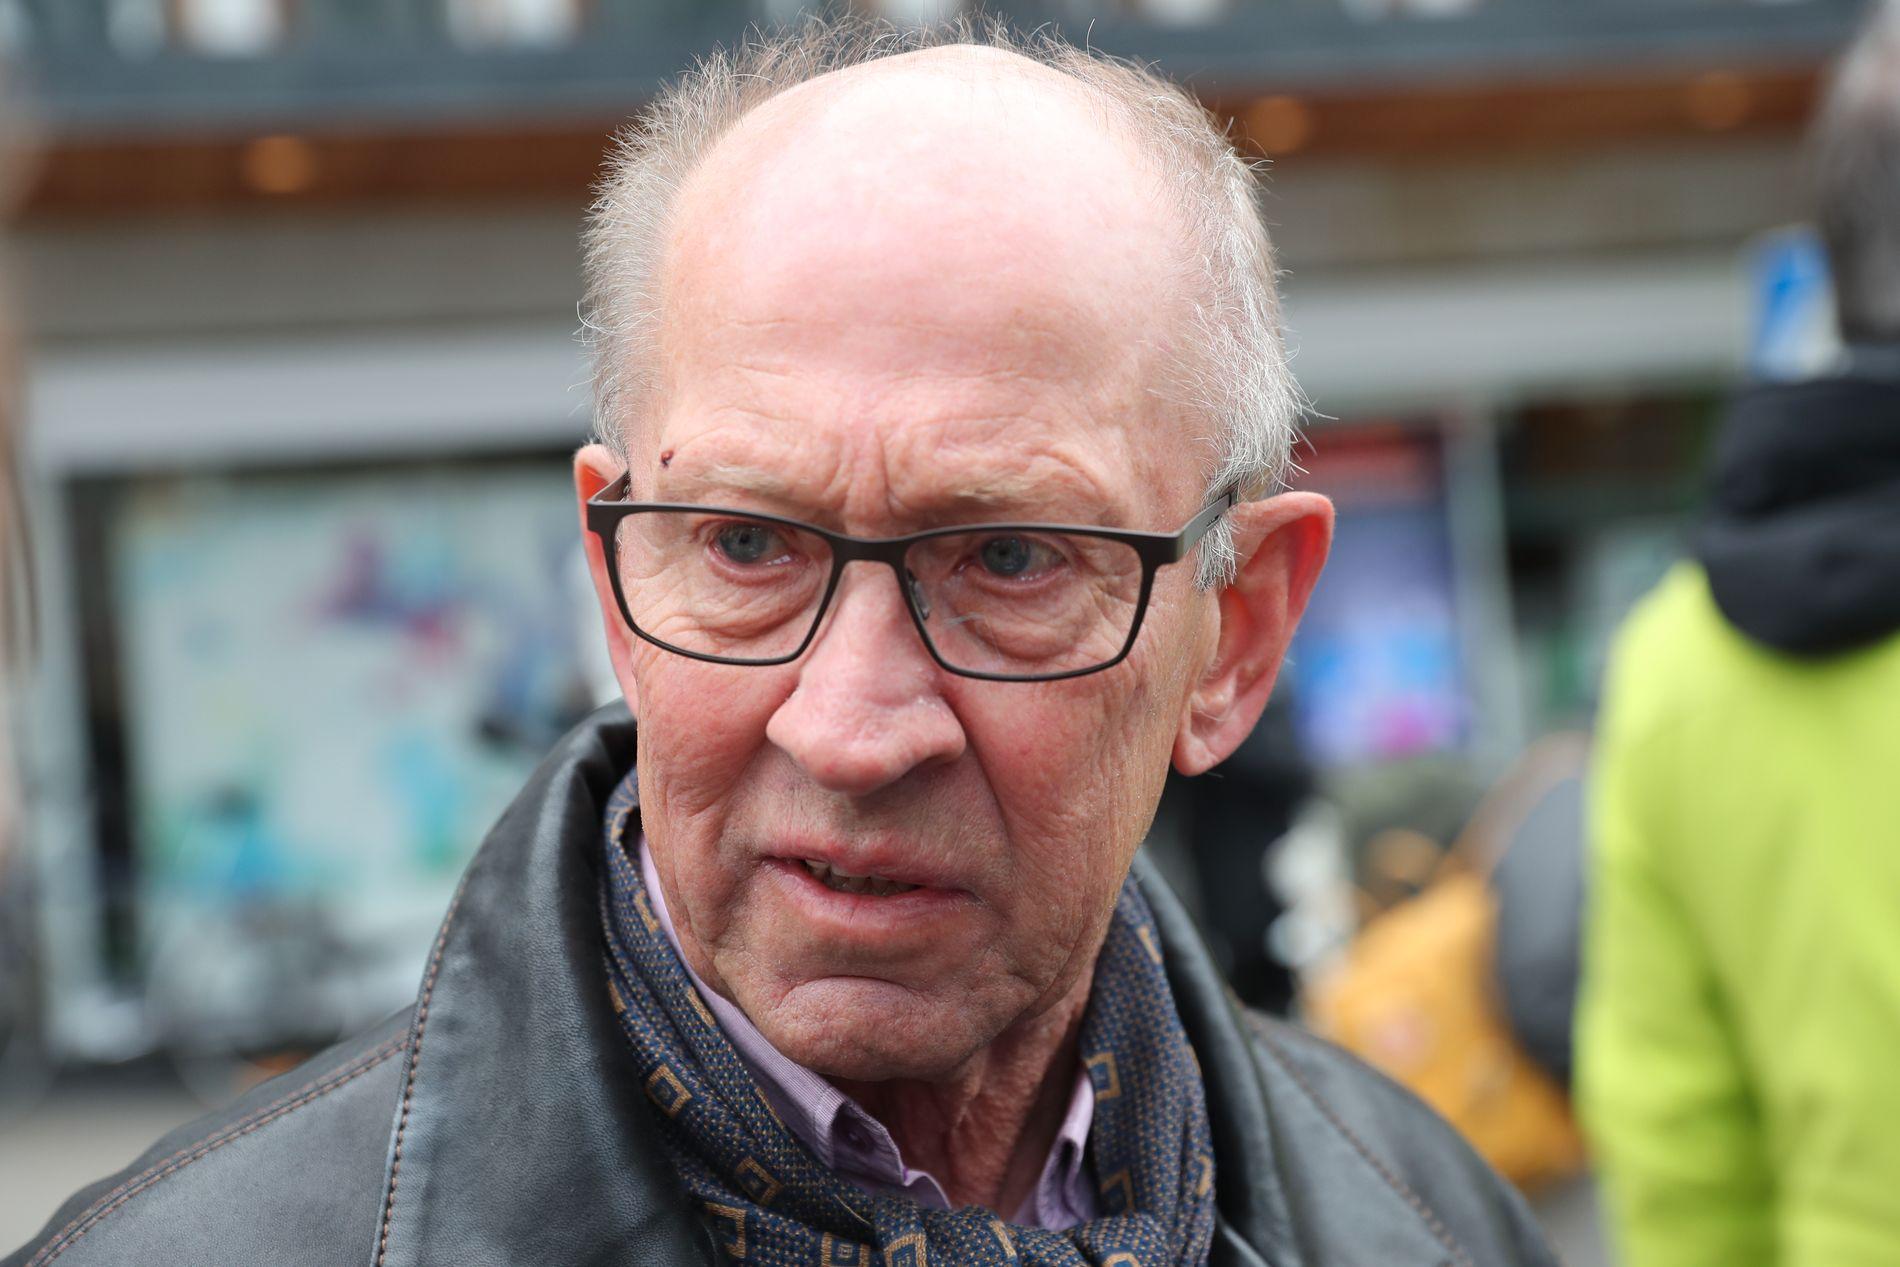 LA NED BLOMSTER: Sune Alsgren forteller til VG at han er i Stockholm for å vise solidaritet og omtanke med dem som ble rammet av gårsdagens terrorangrep. Foto: HALLGEIR VÅGENES